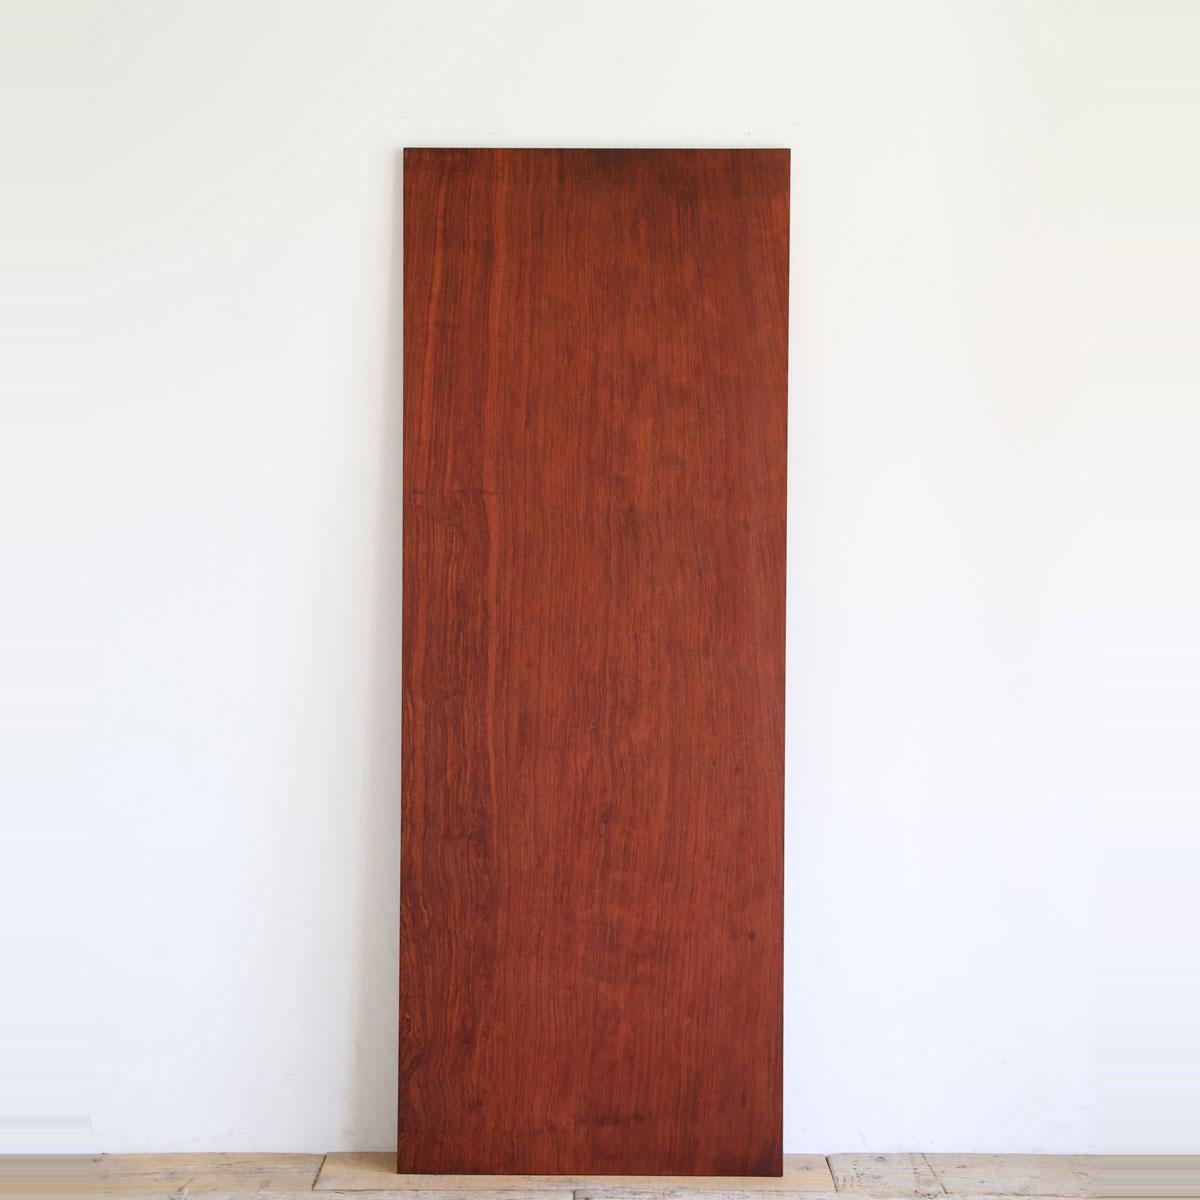 ブビンガ天板 幅200 一枚板 テーブル 天板のみ 材木 ダイニング 天板 無垢 天然木 diy 1枚板 一枚板テーブル ダイニングテーブル W1990 D750